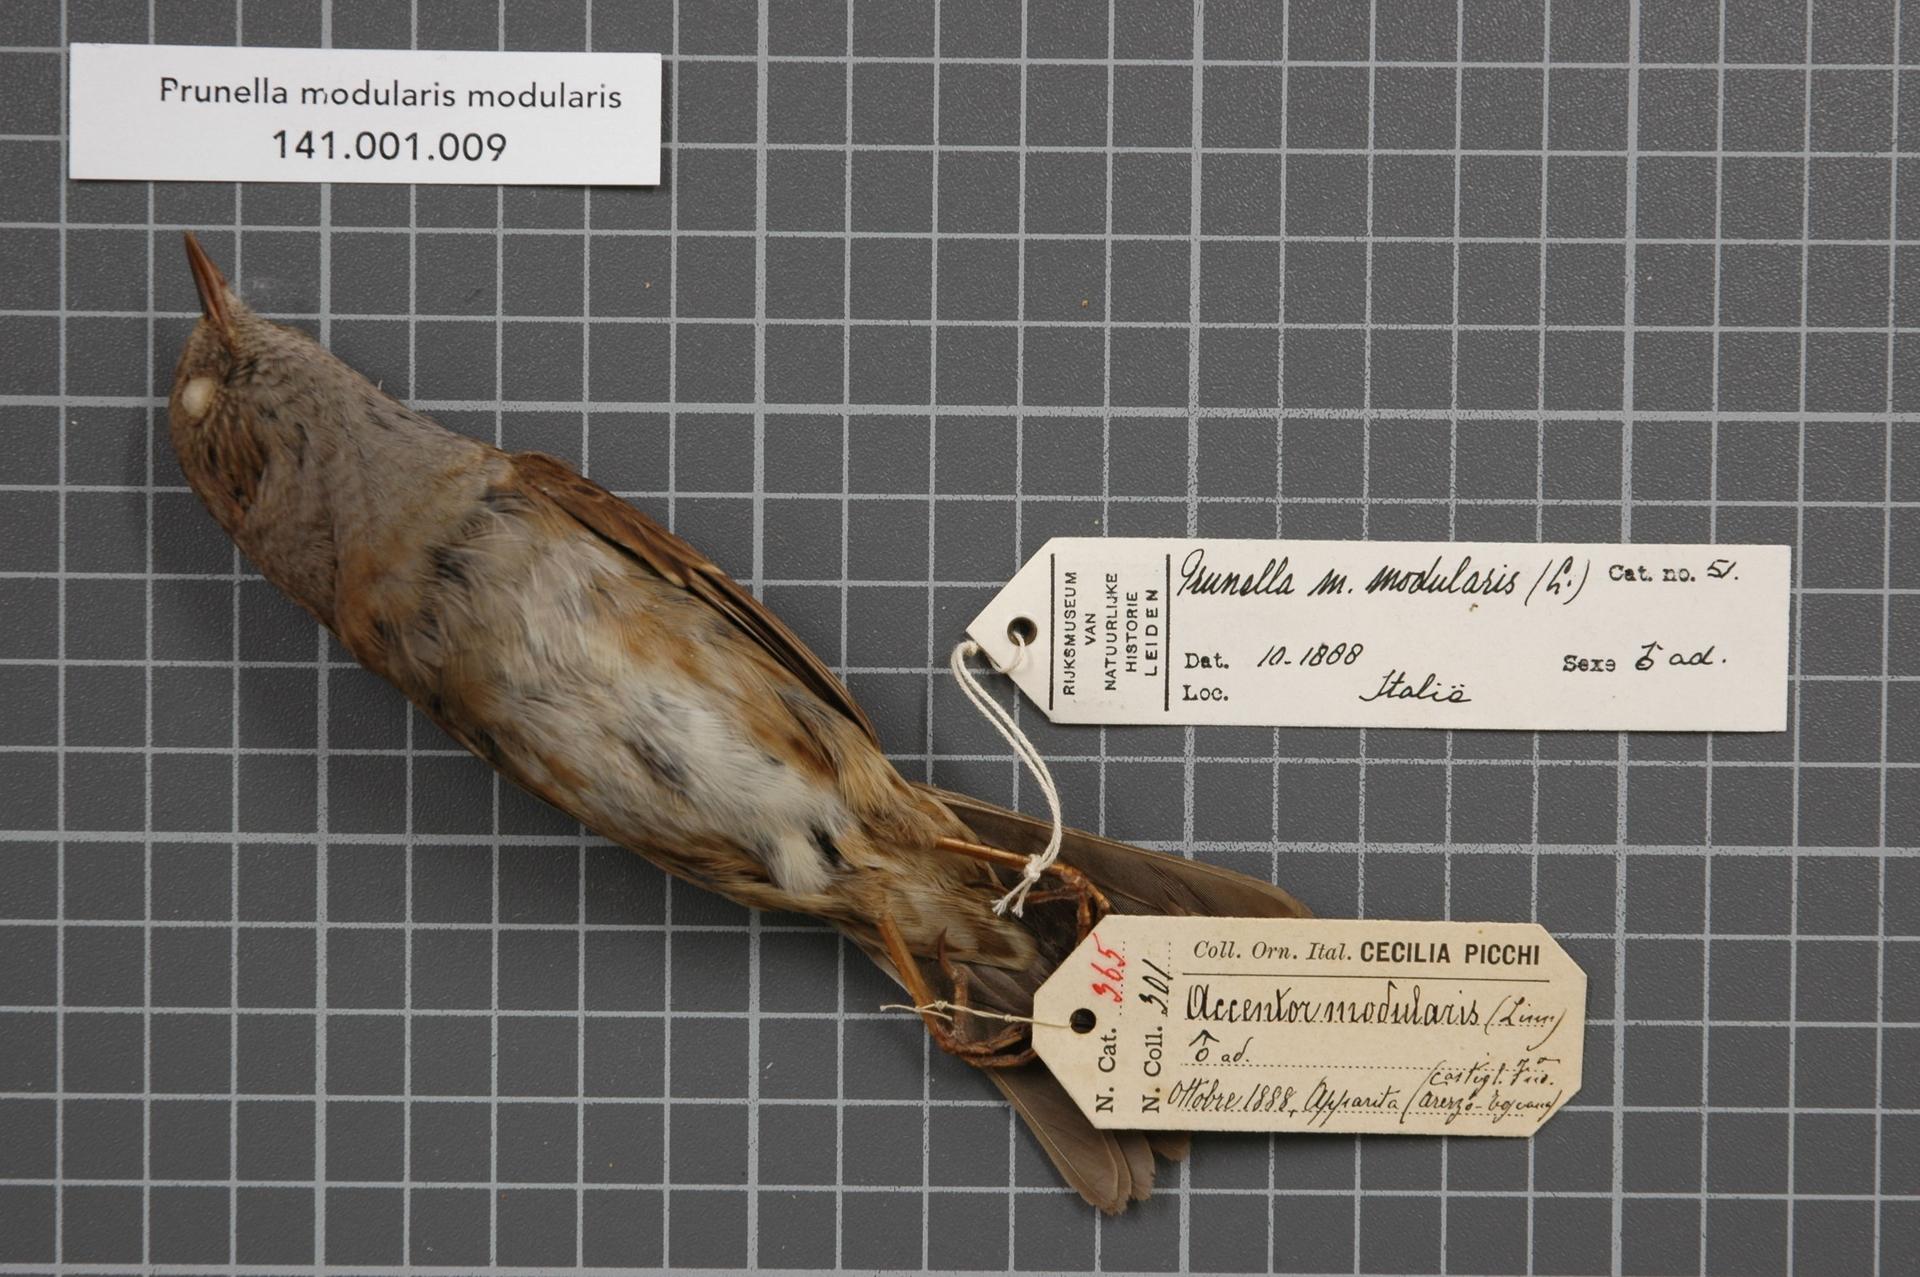 RMNH.AVES.128875 | Prunella modularis modularis (Linnaeus, 1758)